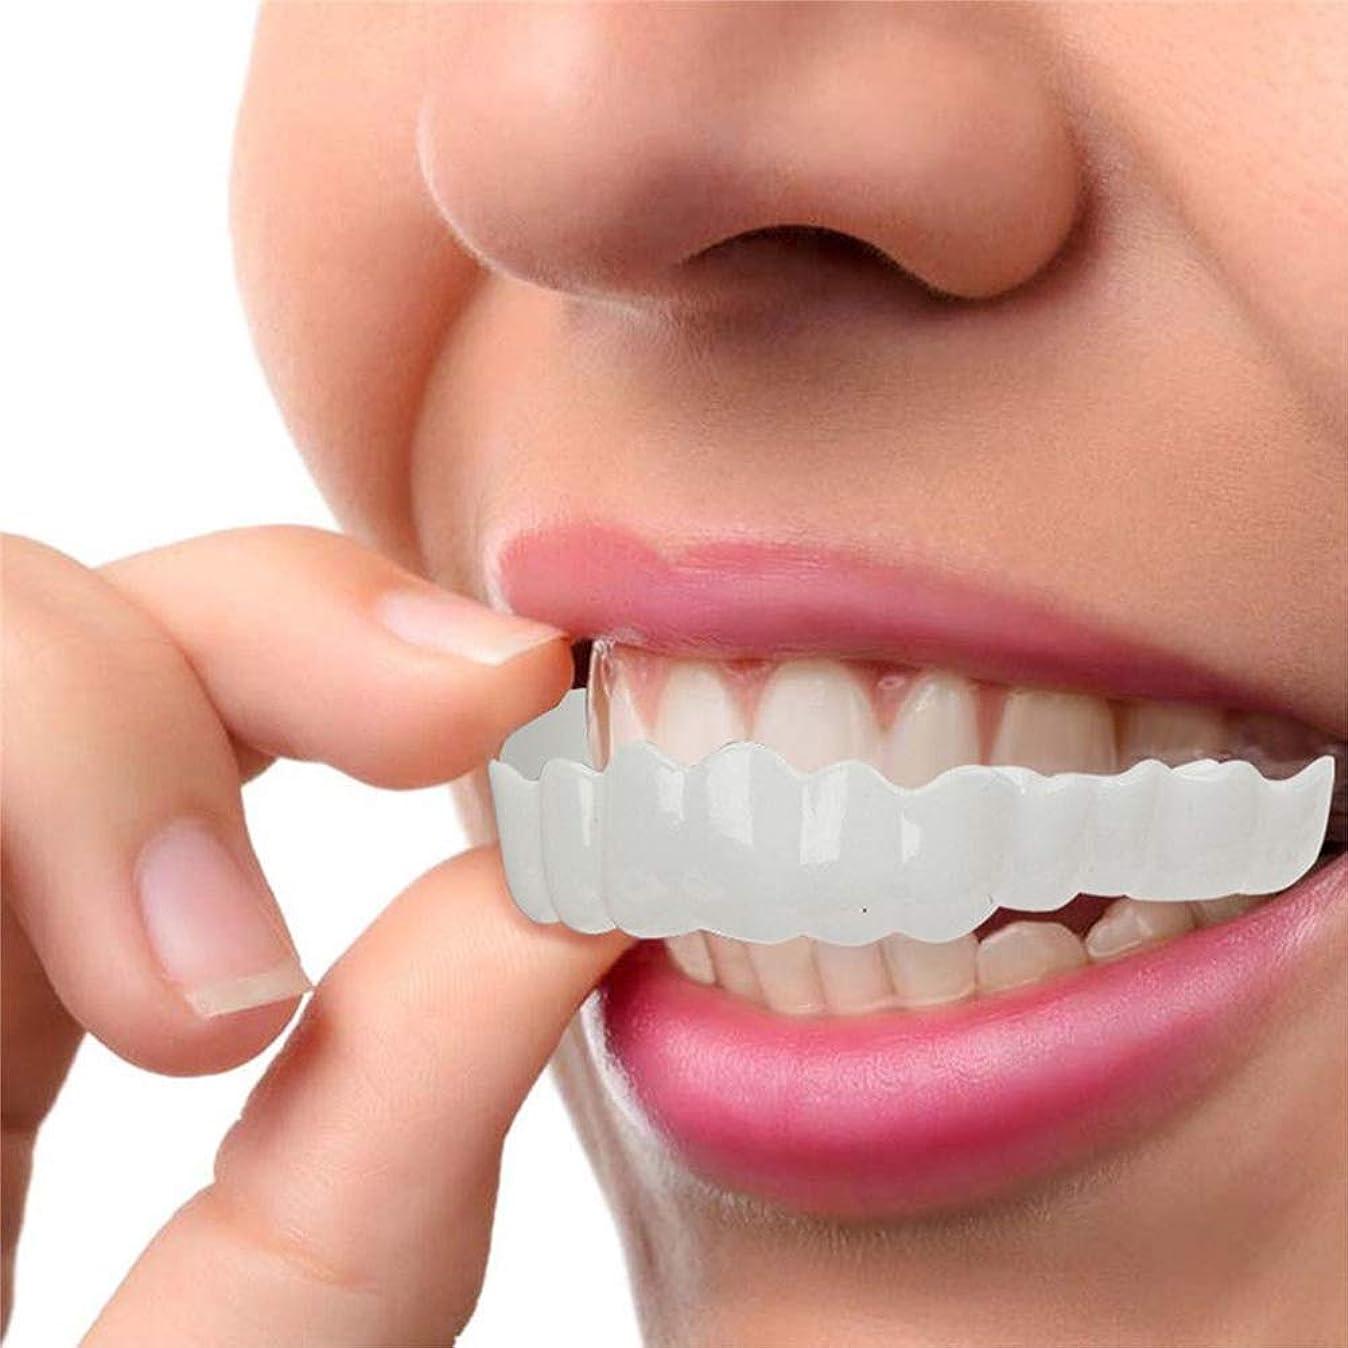 安西備品軍艦化粧品の歯、白い歯をきれいにするための快適なフィットフレックス歯ソケット、超快適、快適なフィット感、5セット